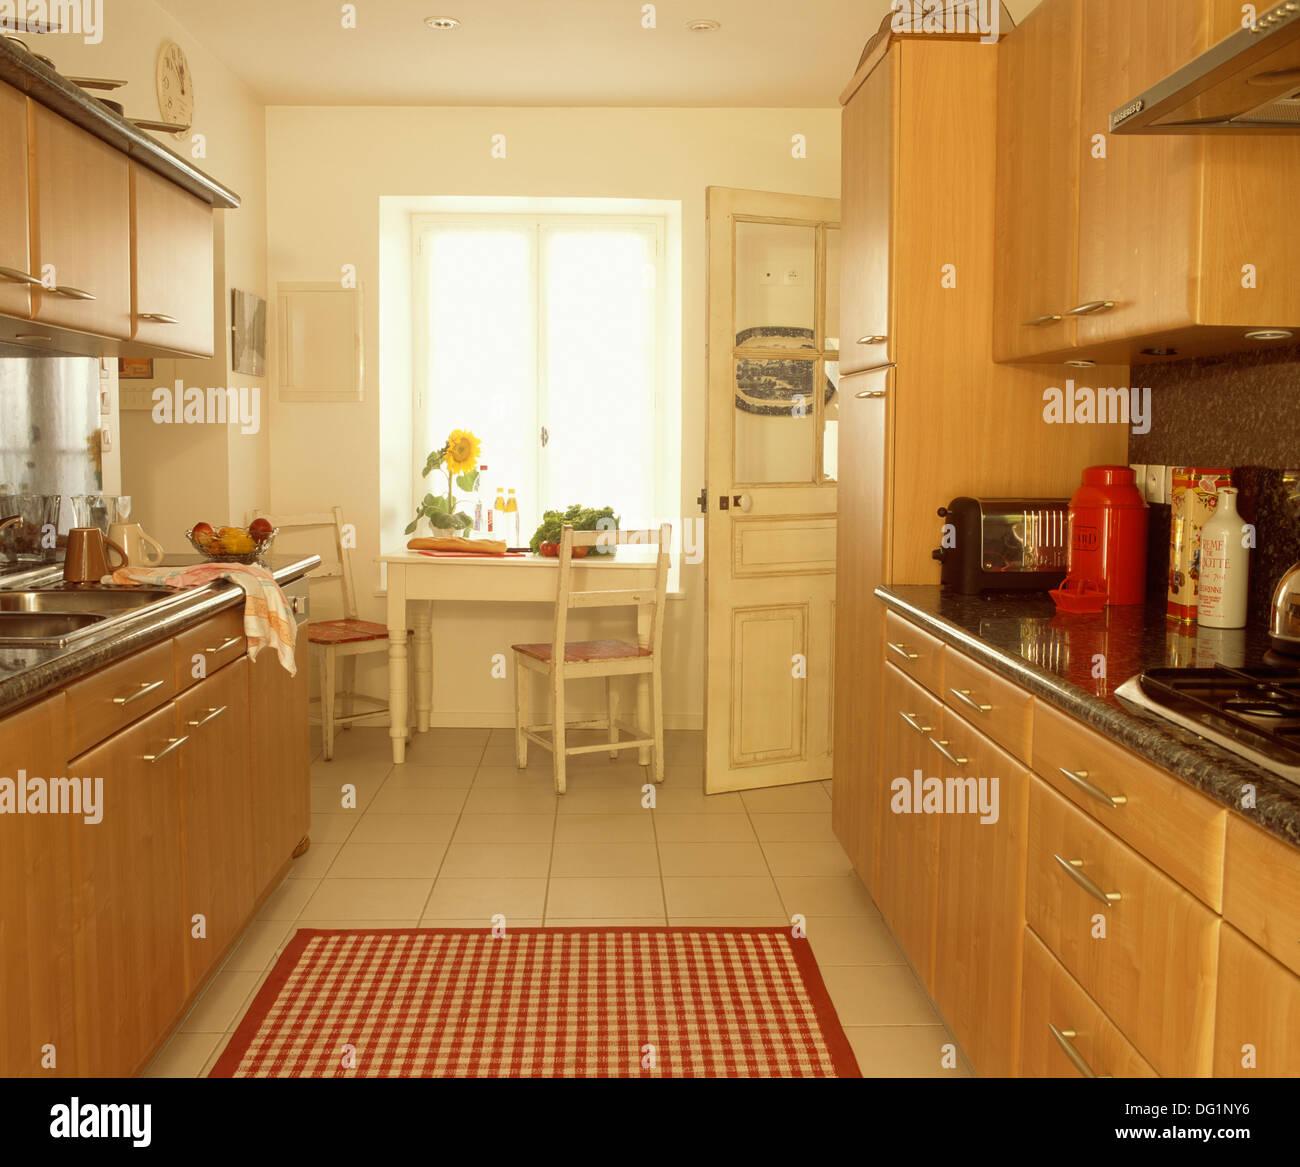 Tolle Französisch Landküche Teppiche Fotos - Ideen Für Die Küche ...